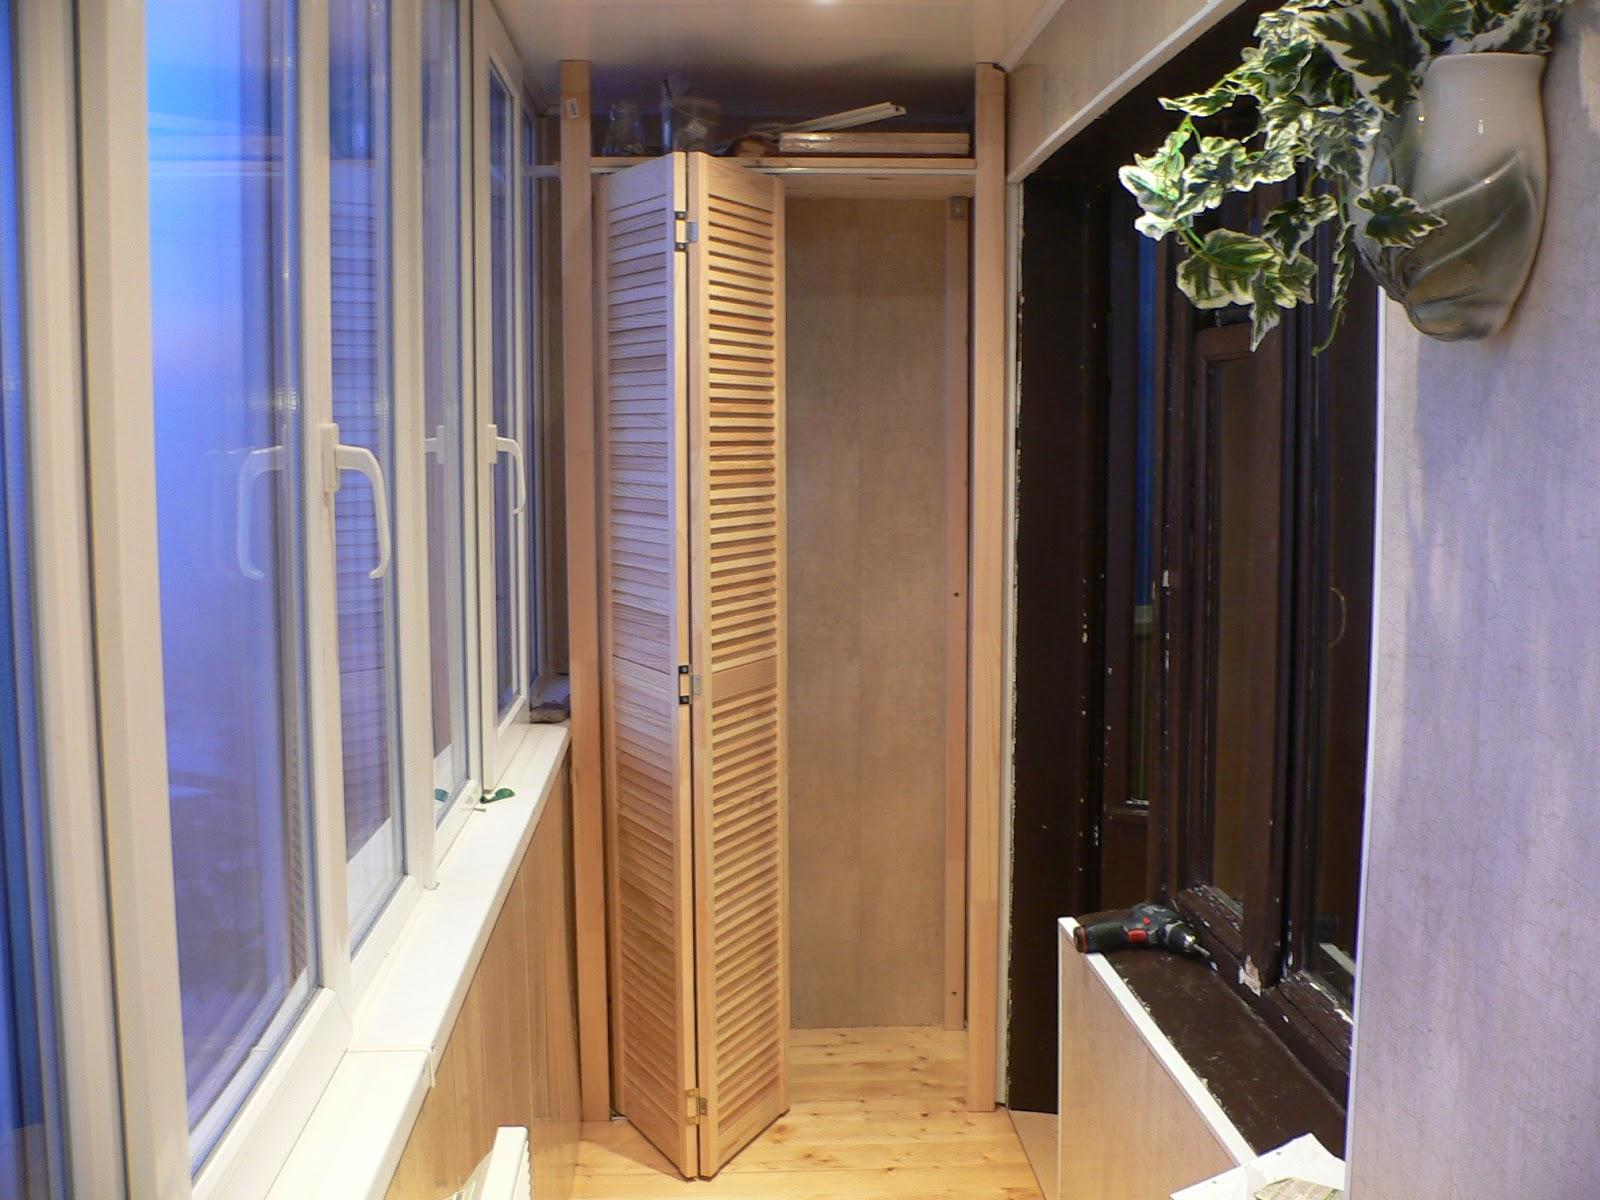 Двери раздвижные для шкафа на балконе своими руками